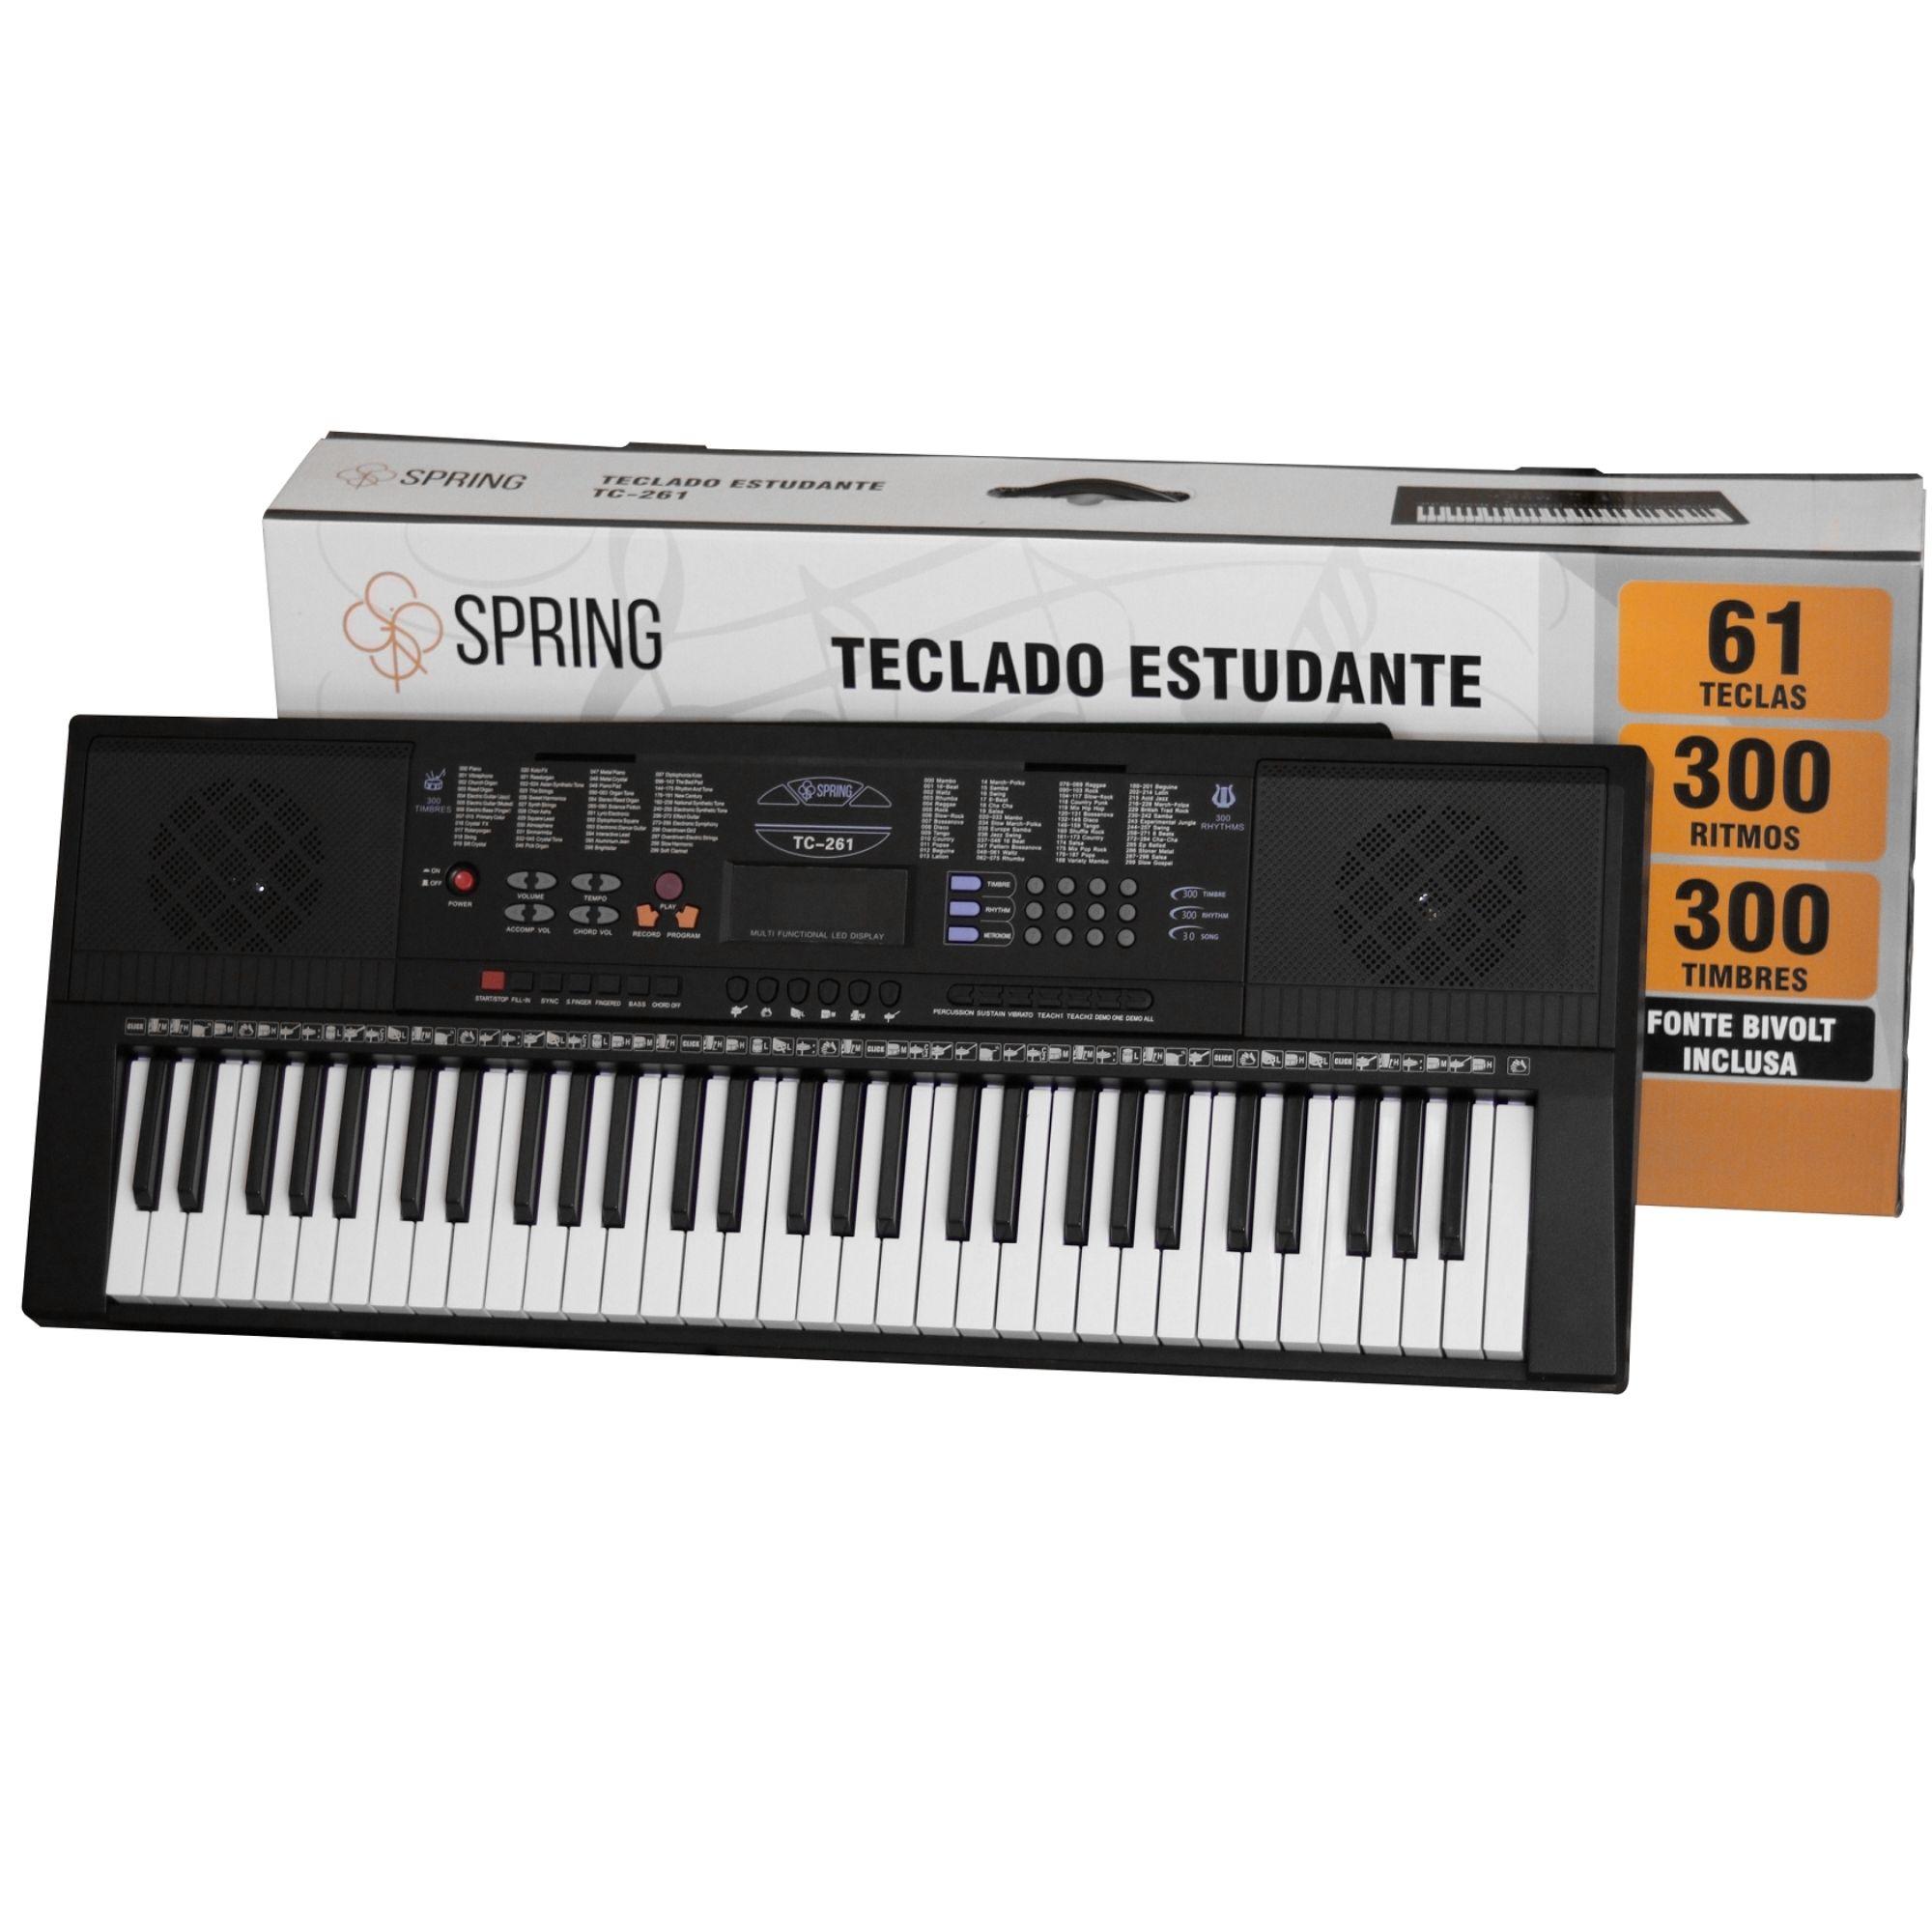 TECLADO PARA ESTUDANTE 61 TECLAS TC-261 SPRING